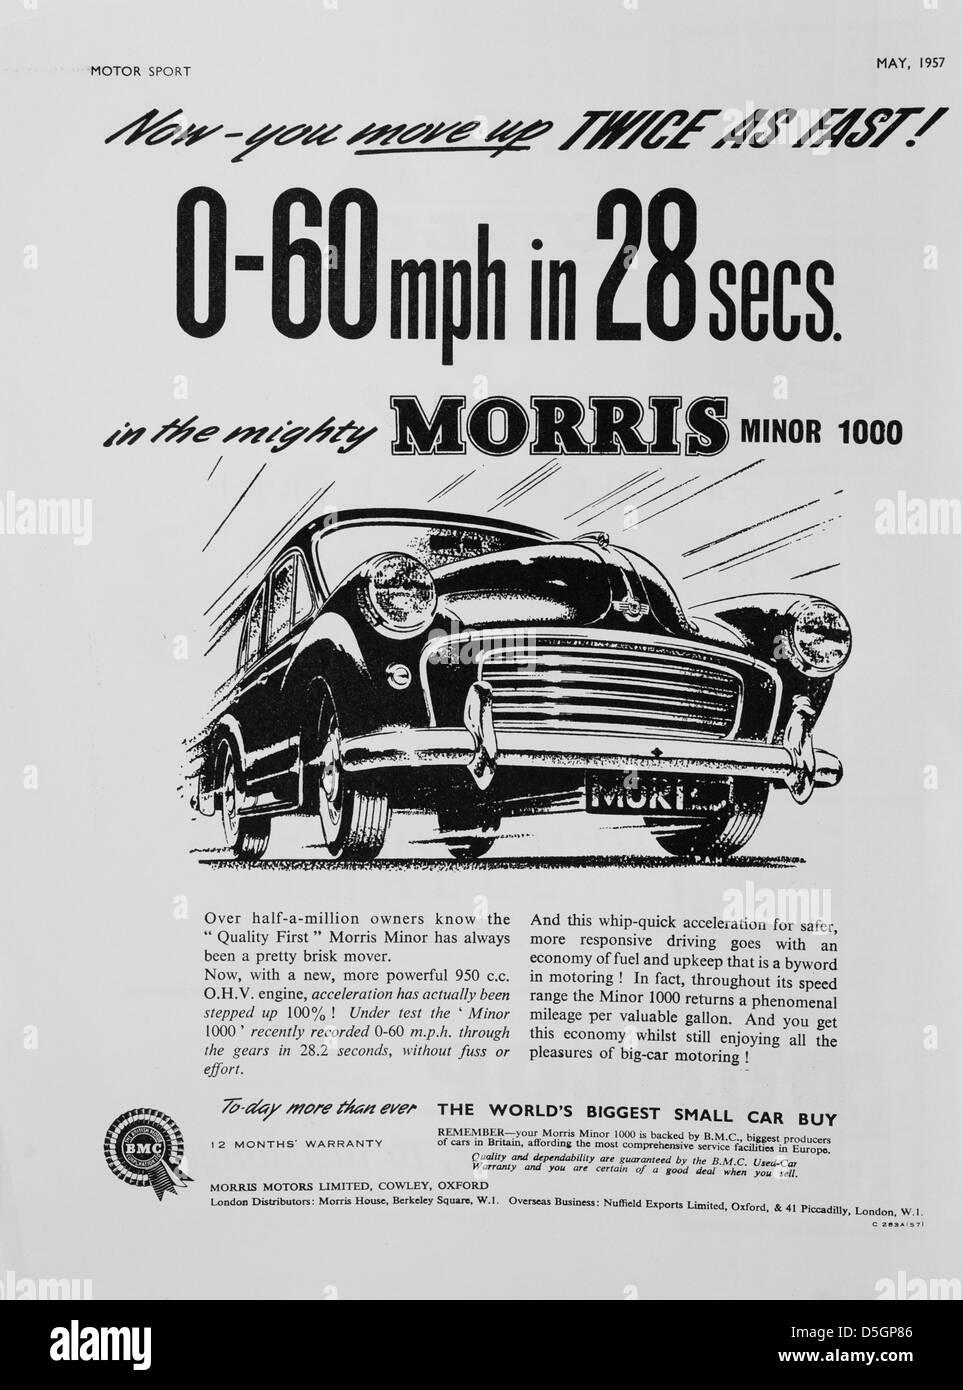 Morris Minor 1000 advetisement in Motor Sport, May, 1957 - Stock Image